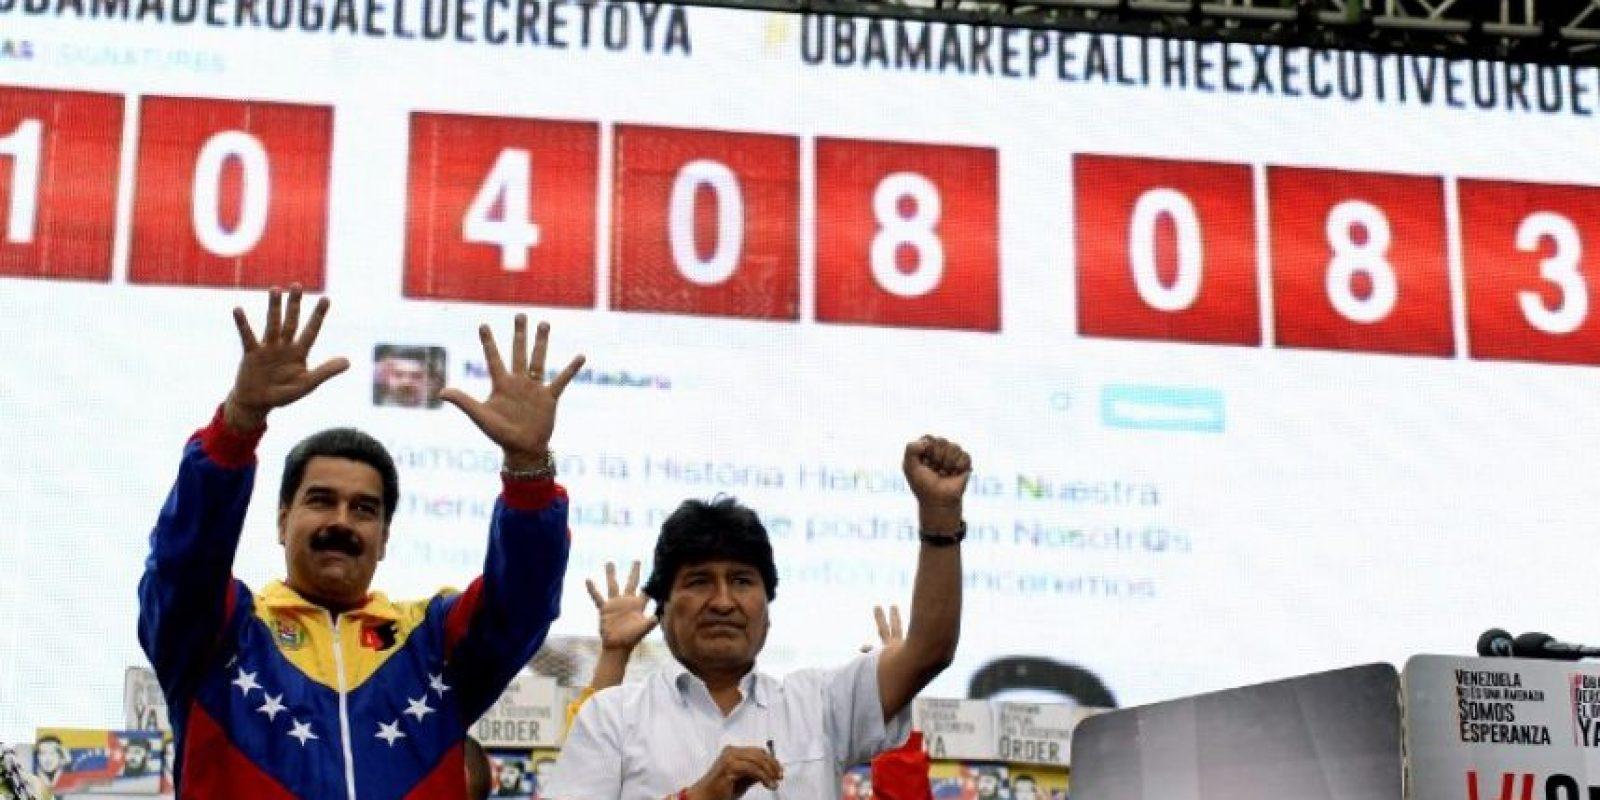 """En septiembre, el secretario de la administración Obama, John Kerry, llamó a la canciller venezolana Delcy Rodríguez con el fin de """"regularizar las relaciones diplomáticas"""" entre ambos países Foto:AFP"""